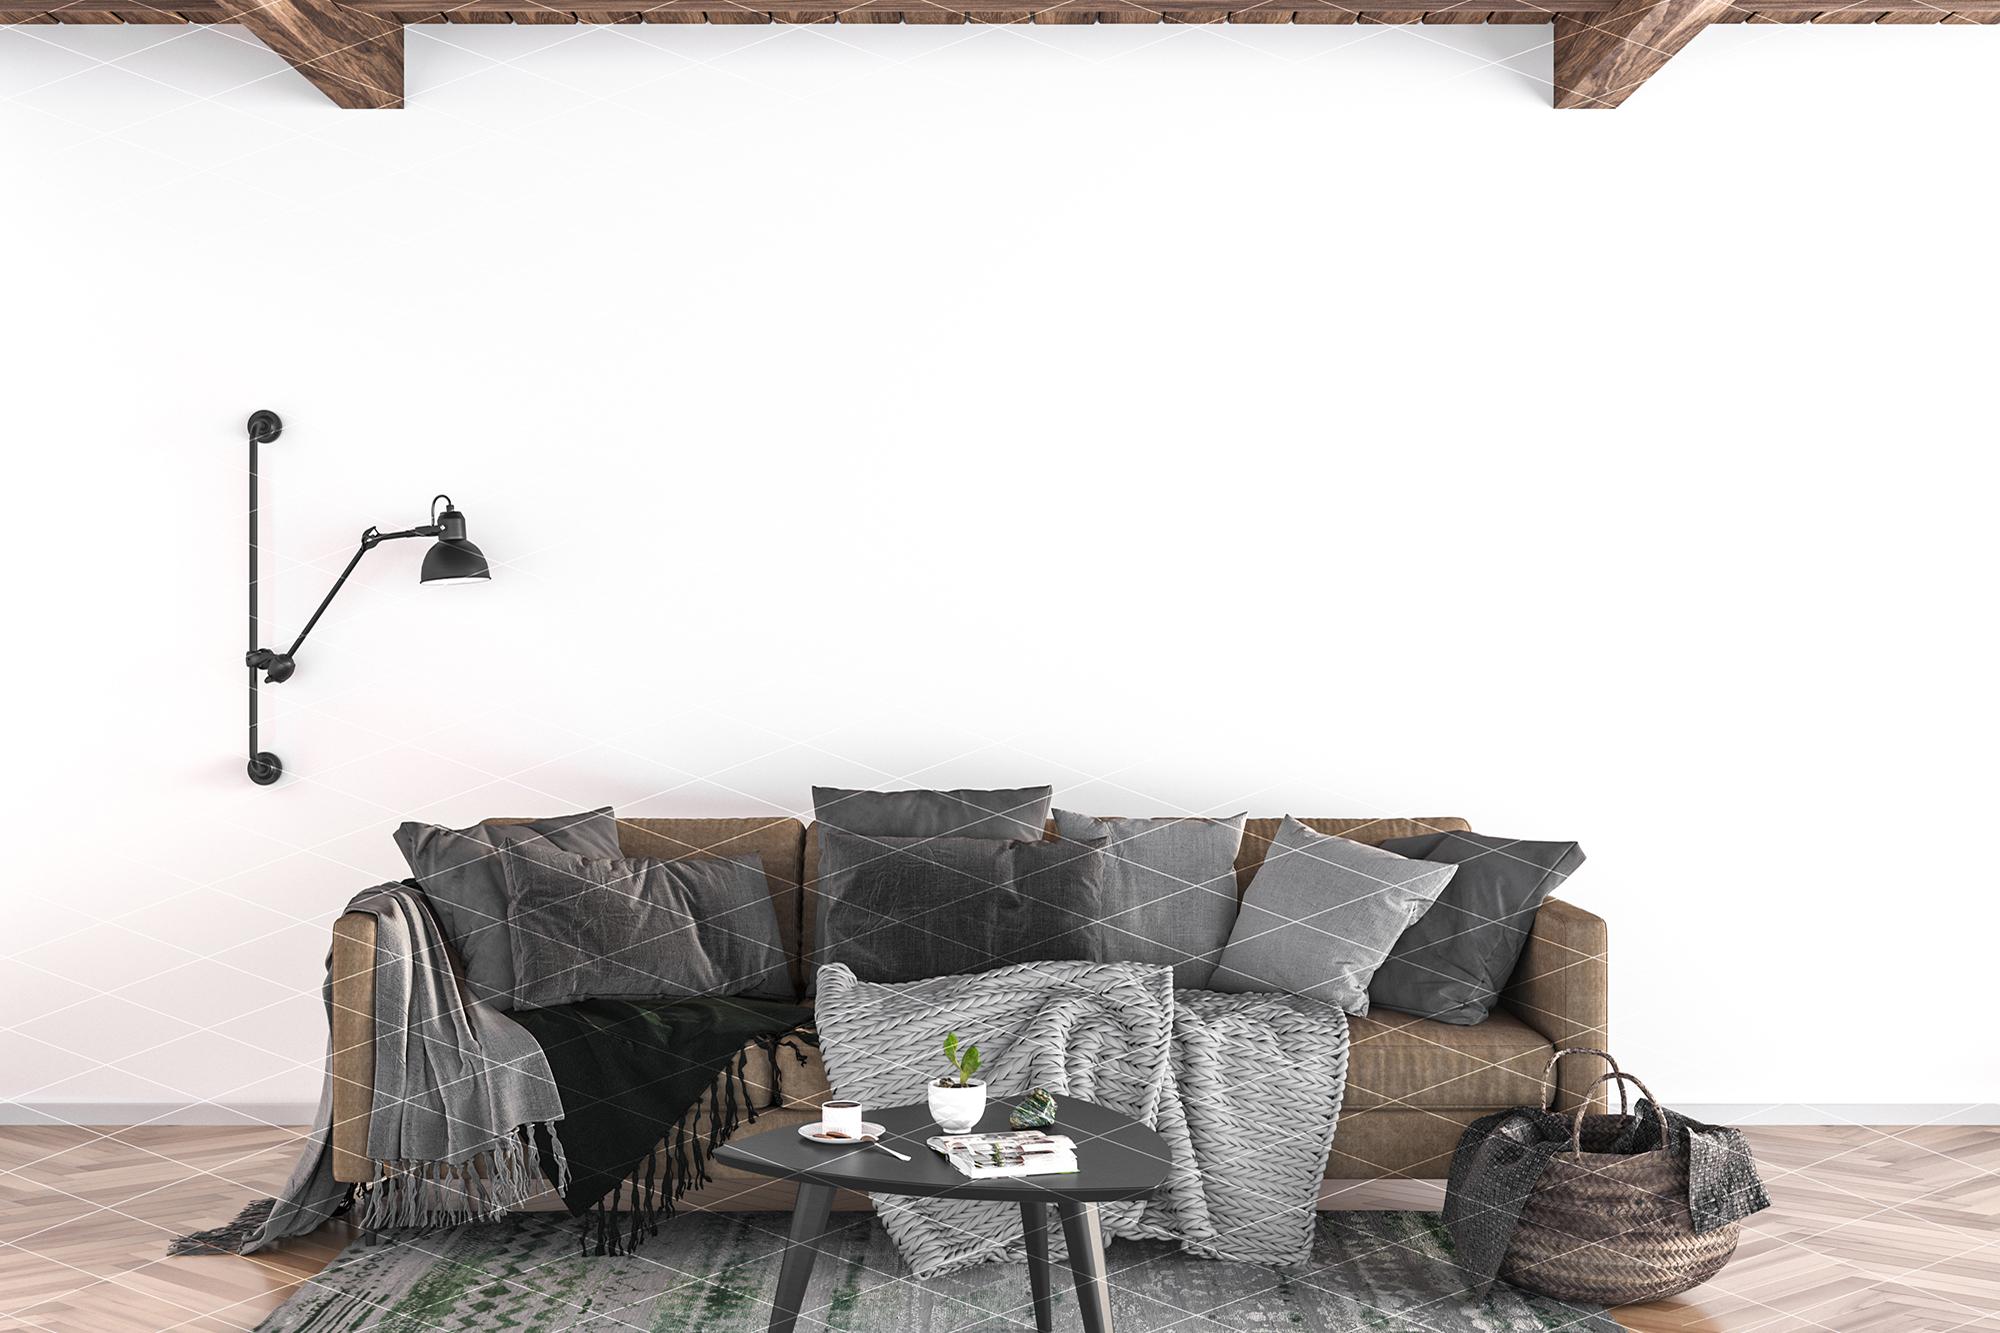 Wall mockup - wallpaper mock up example image 8